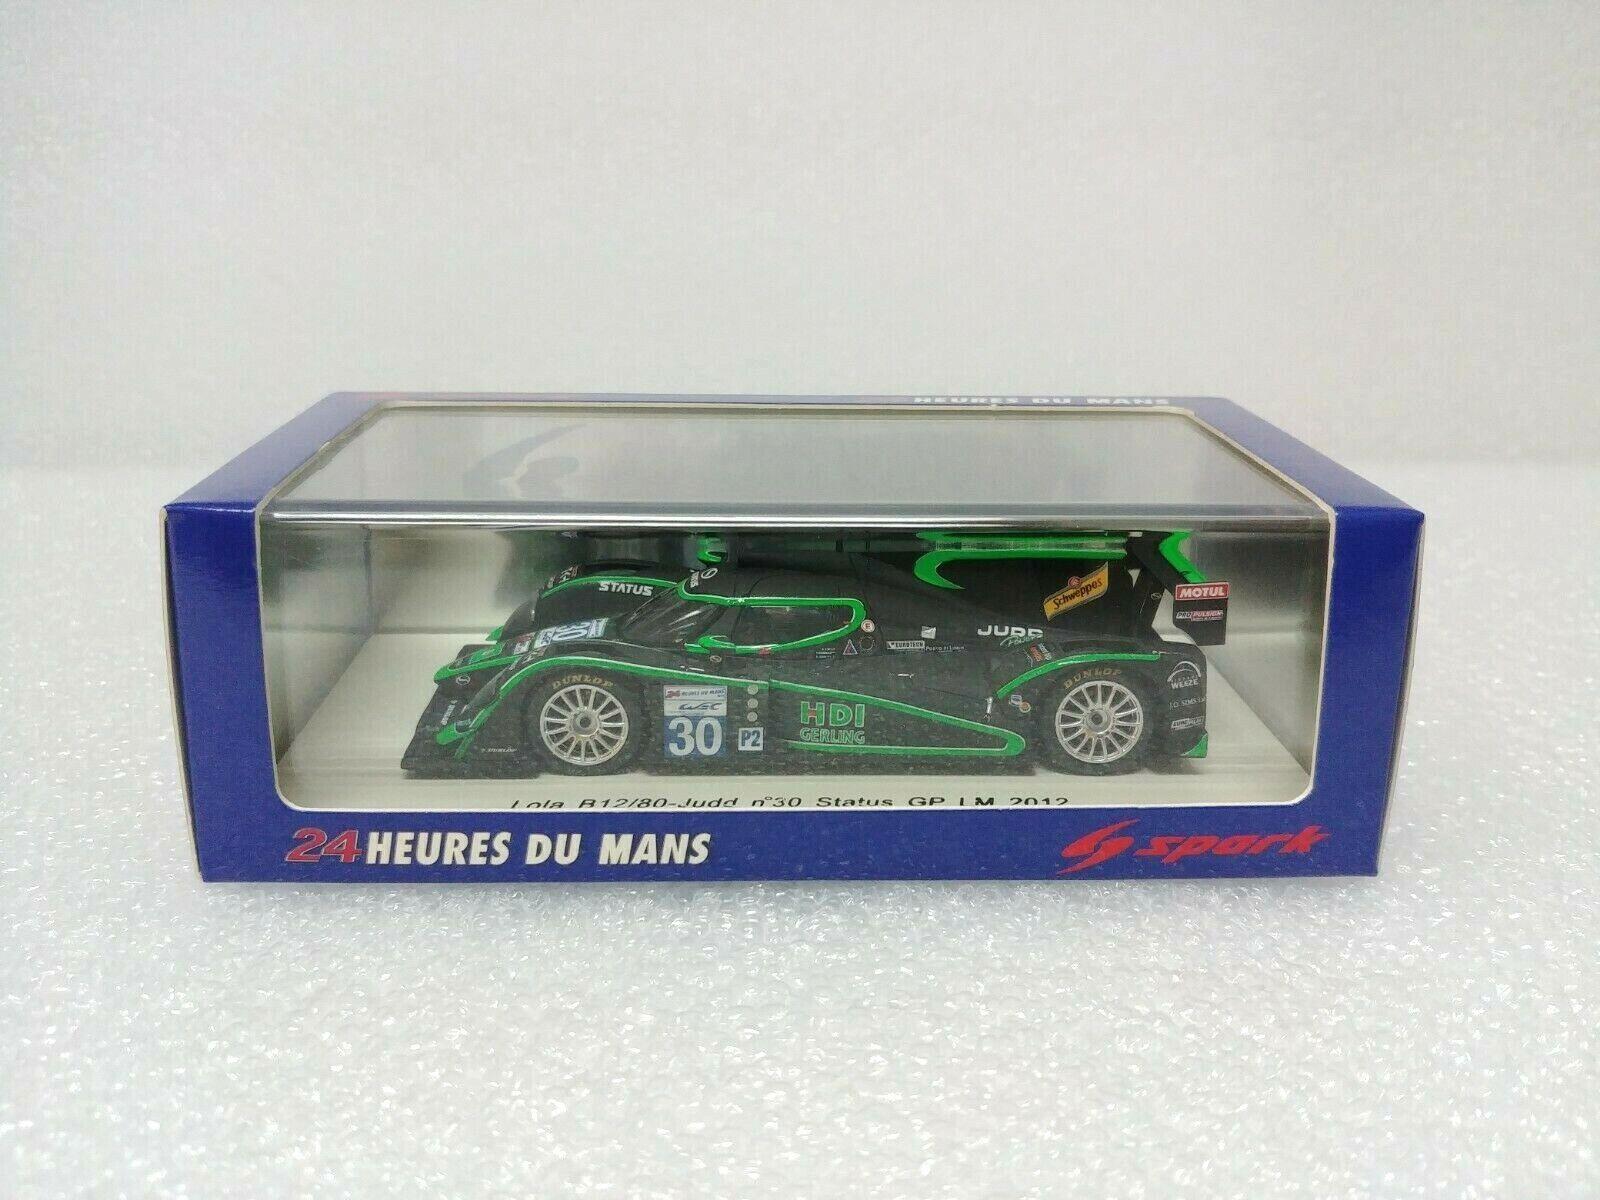 venta al por mayor barato Lola Lola Lola B12 80 - Judd No.30 Estado Grand Prix Le Mans 2012 Spark MODEL 1 43  S3715  alta calidad